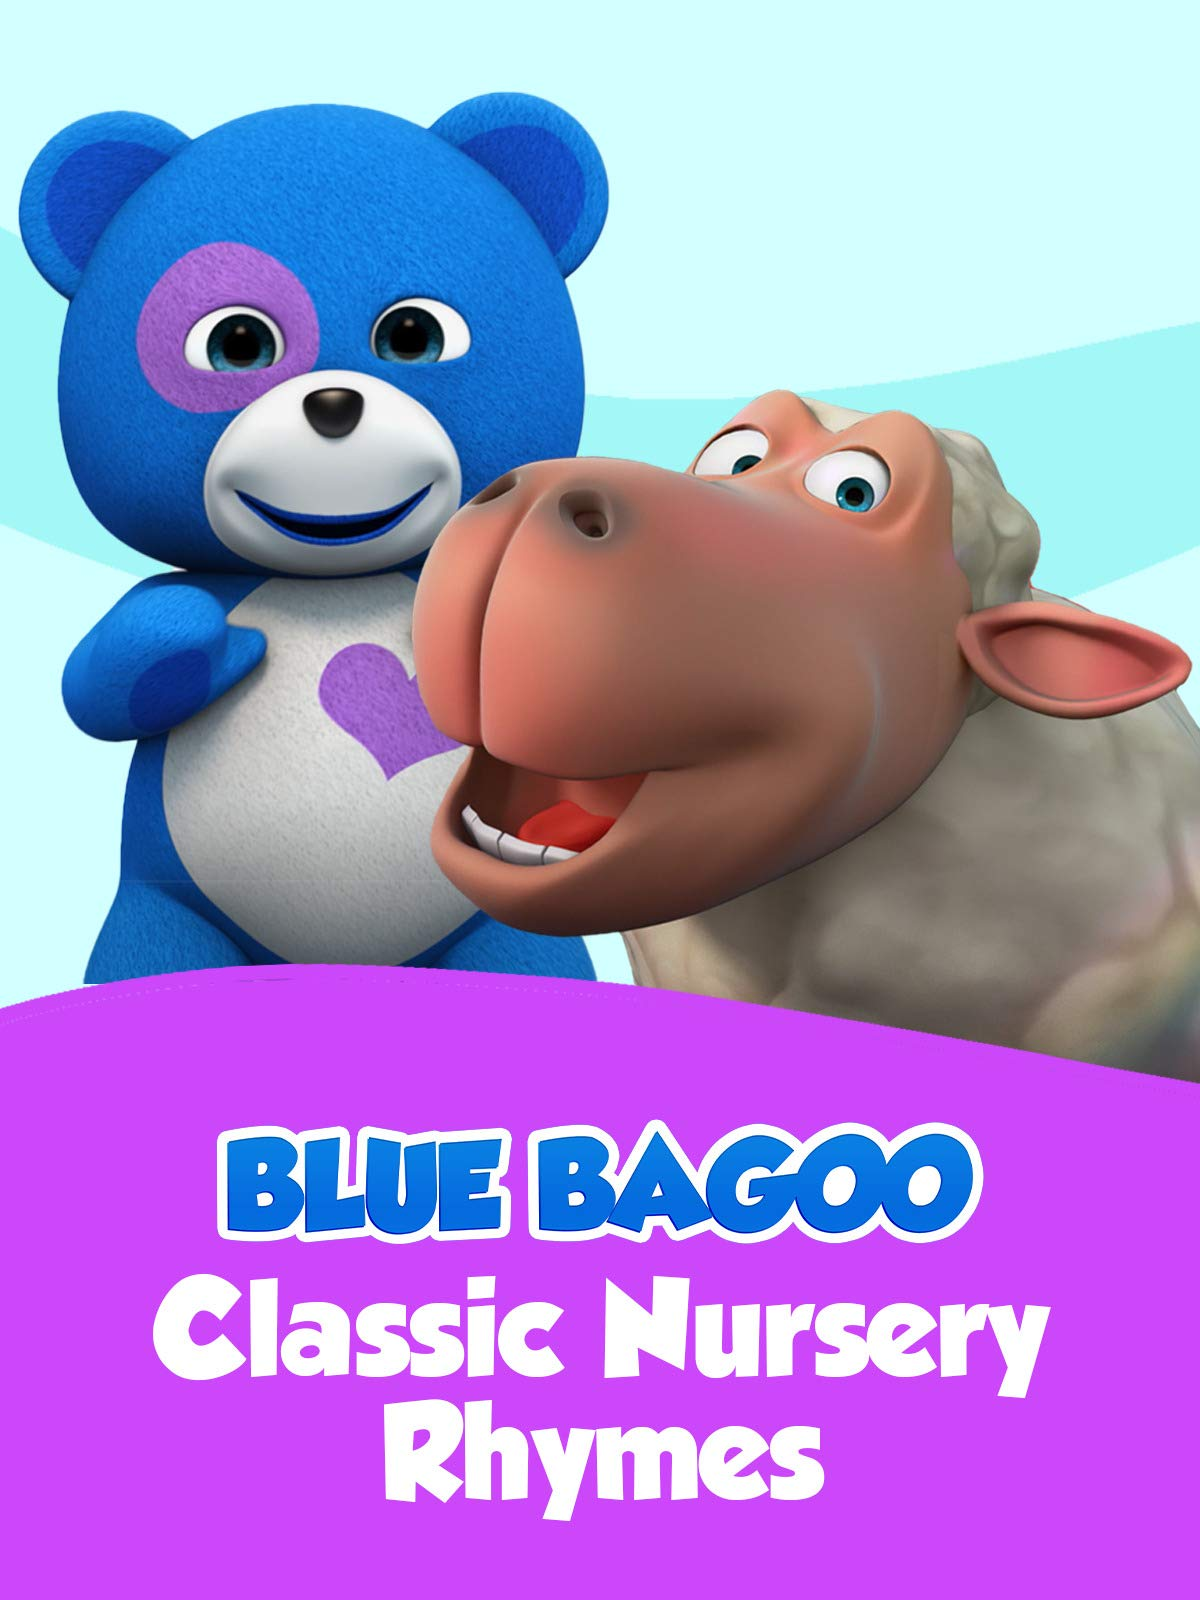 Blue Bagoo Classic Nursery Rhymes